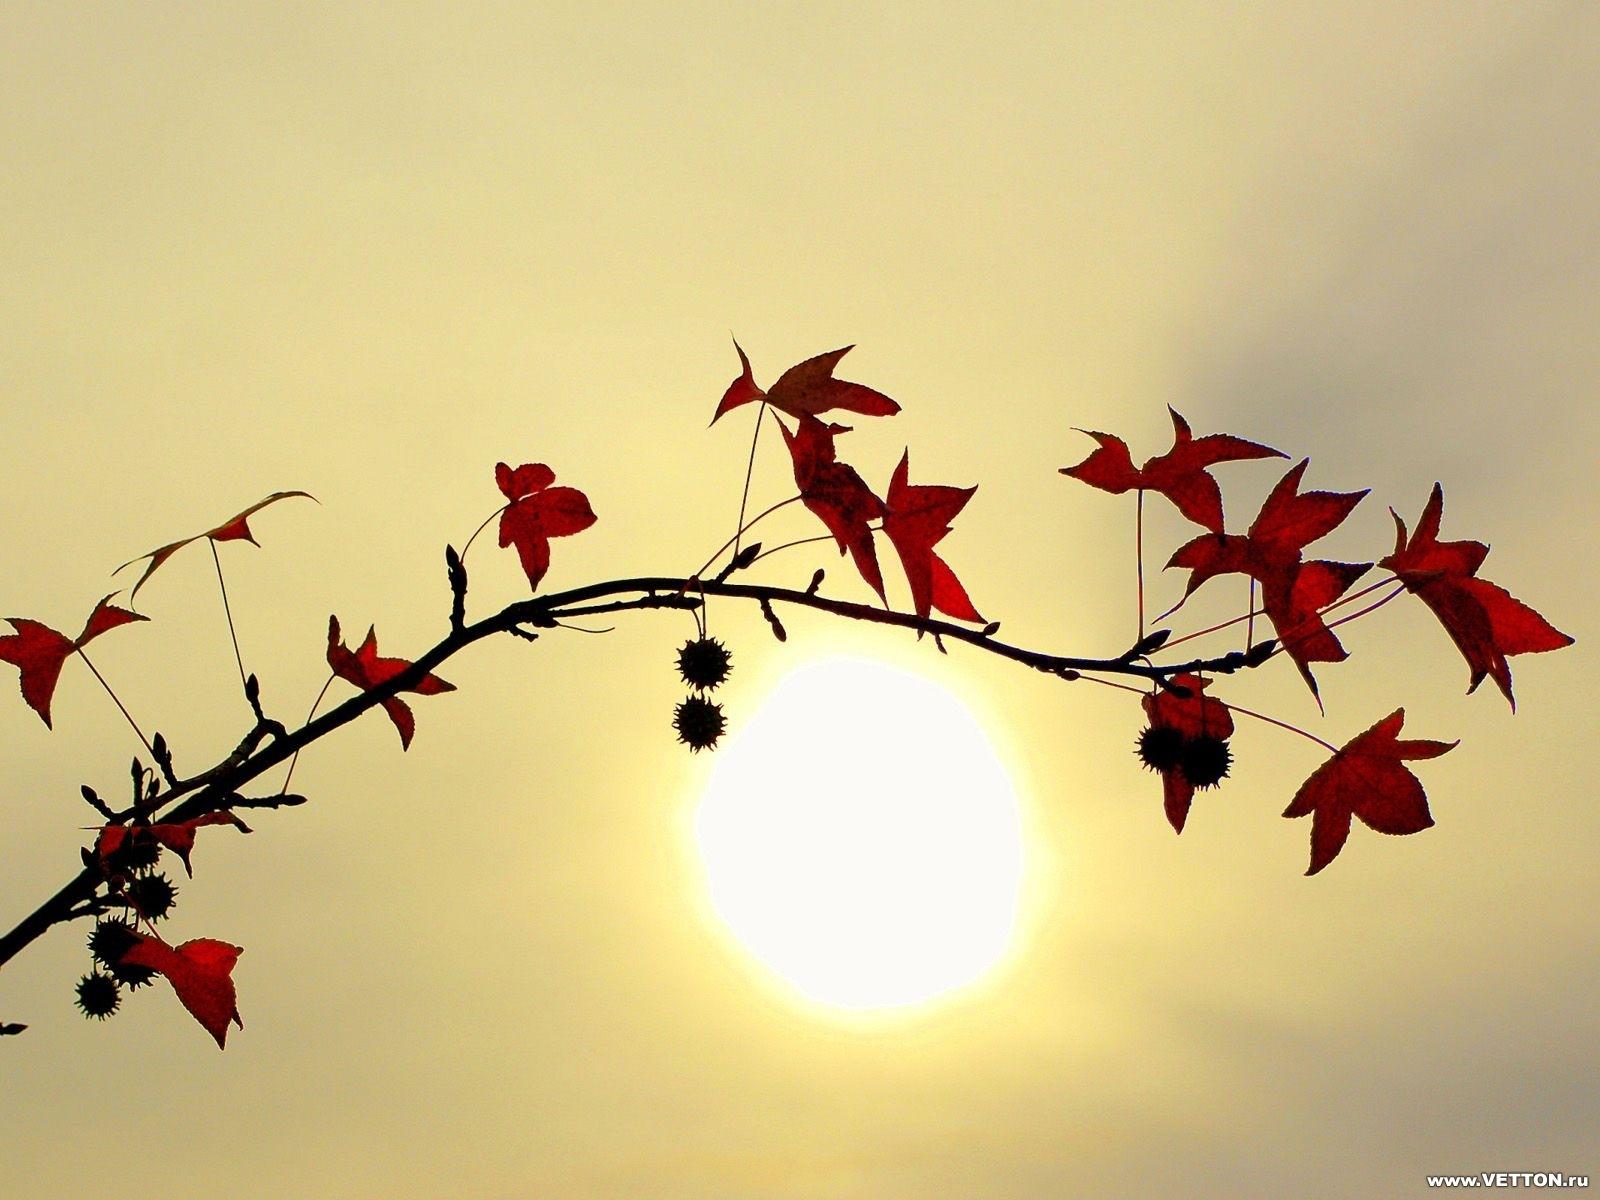 Скачать картинку Солнце, Листья, Растения в телефон бесплатно.